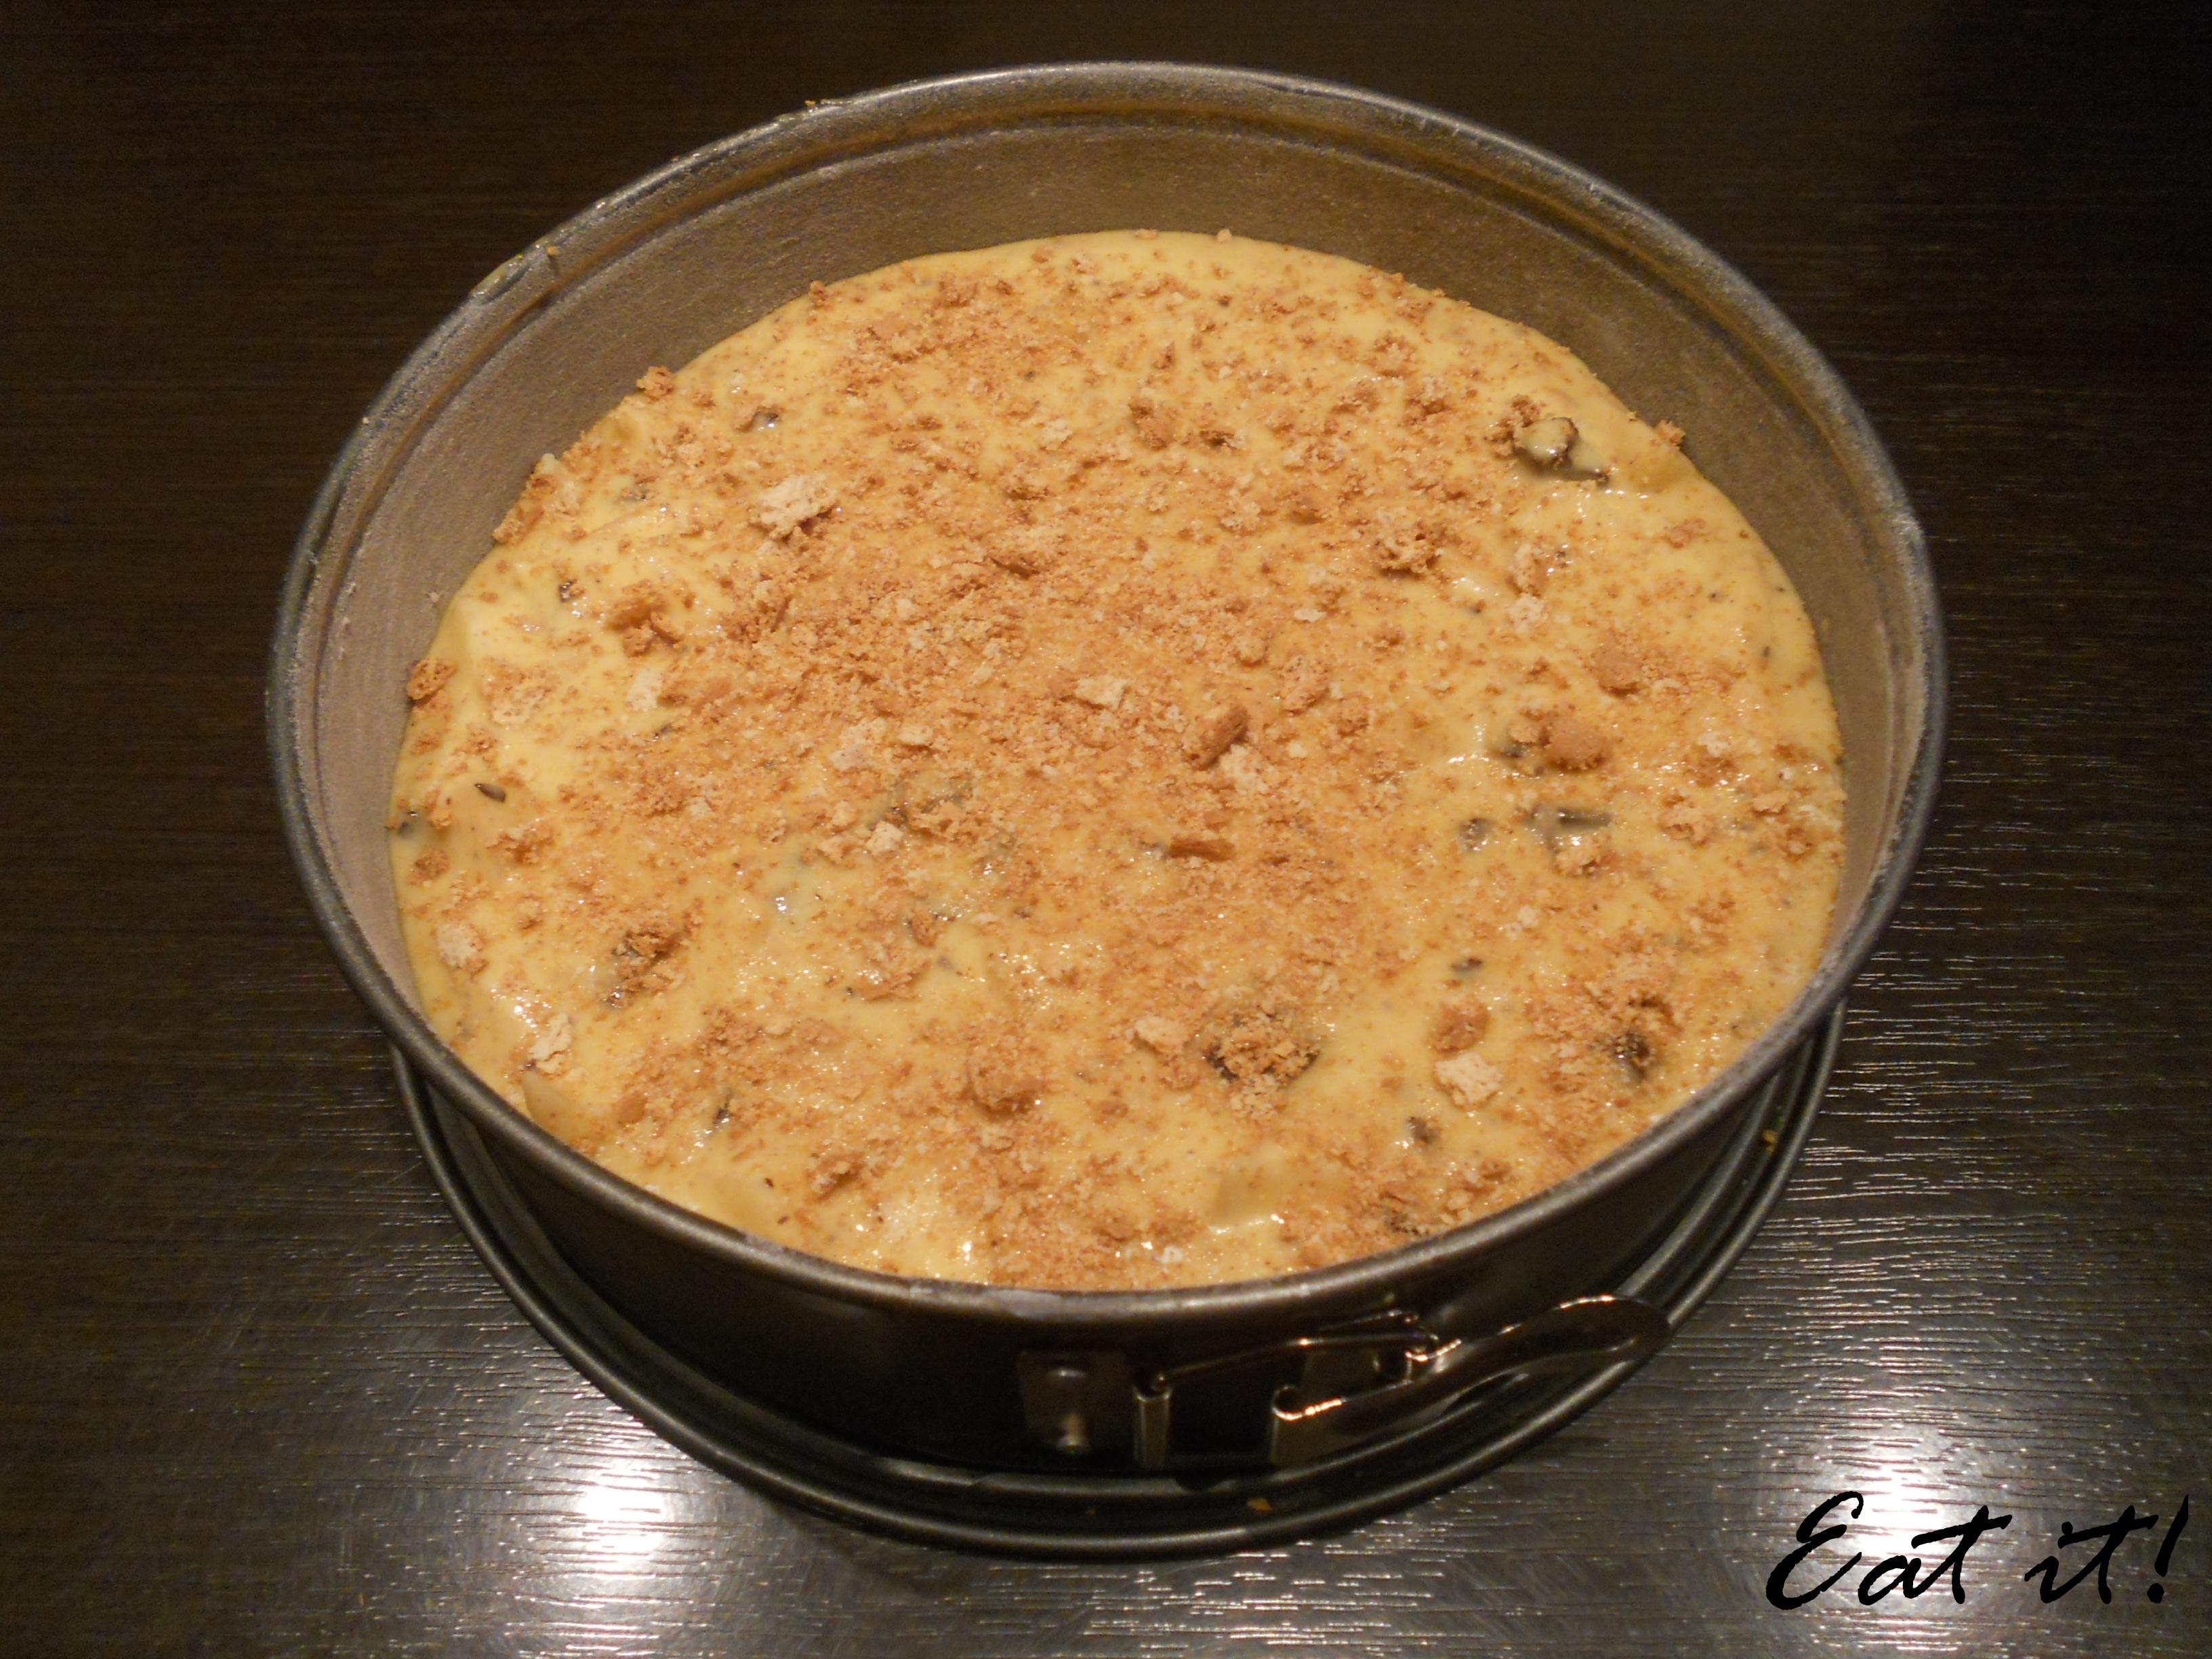 Torta pere, cioccolato e amaretti - Pronta per il forno